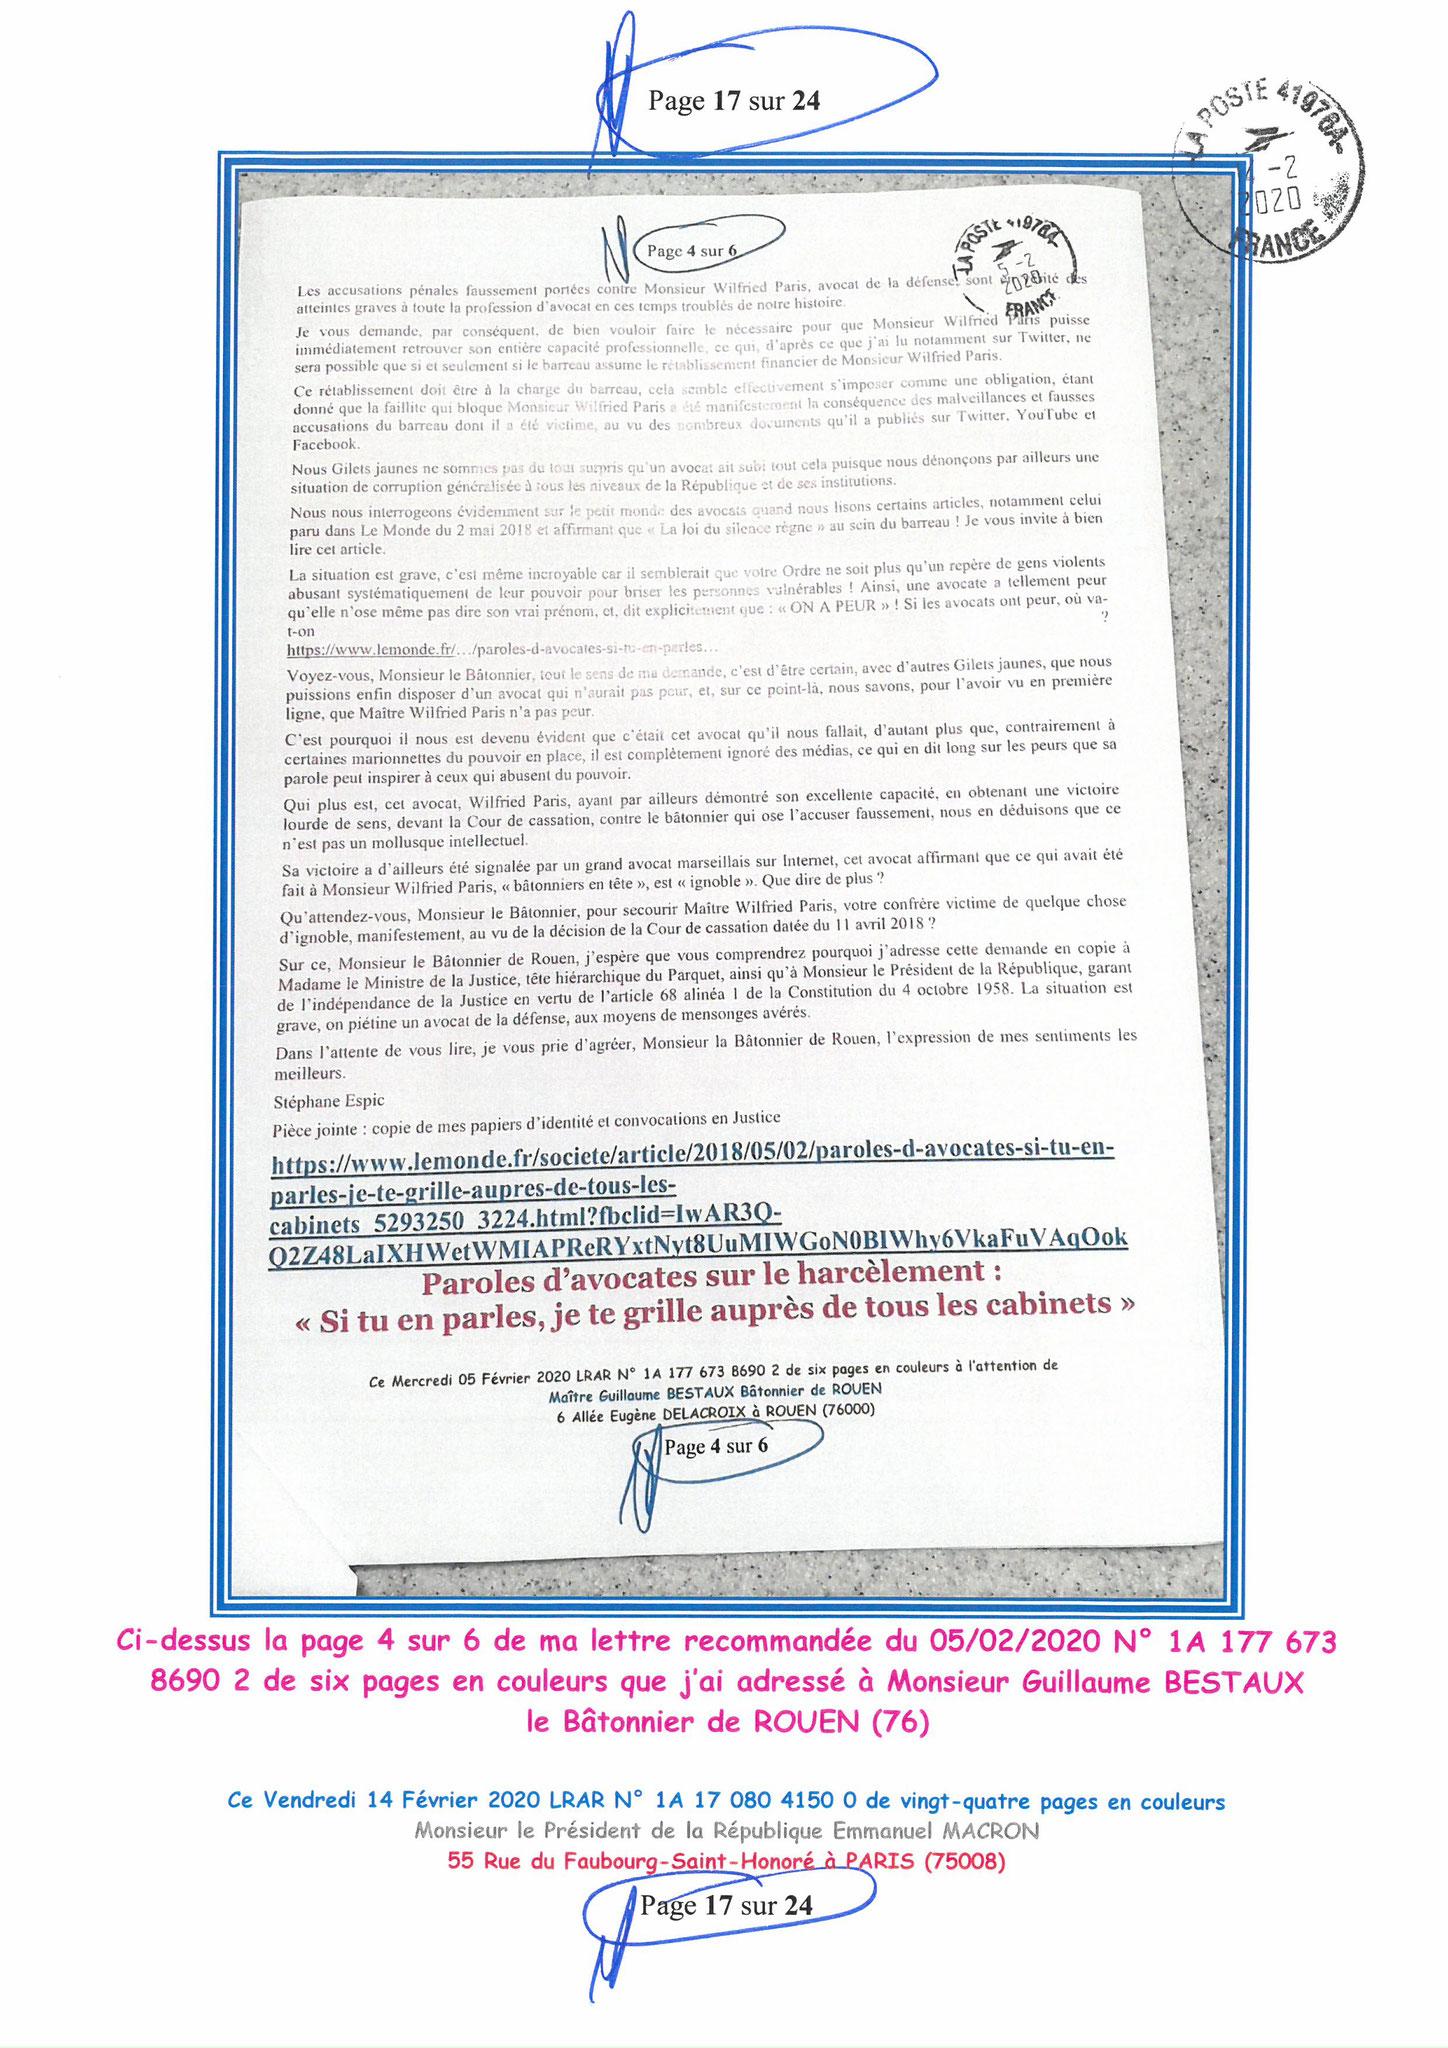 Ma lettre recommandée du 14 Février 2020 N° 1A 178 082 4150 0  page  17 sur 24 en couleur que j'ai adressé à Monsieur Emmanuel MACRON le Président de la République www.jesuispatrick.fr www.jesuisvictime.fr www.alerte-rouge-france.fr